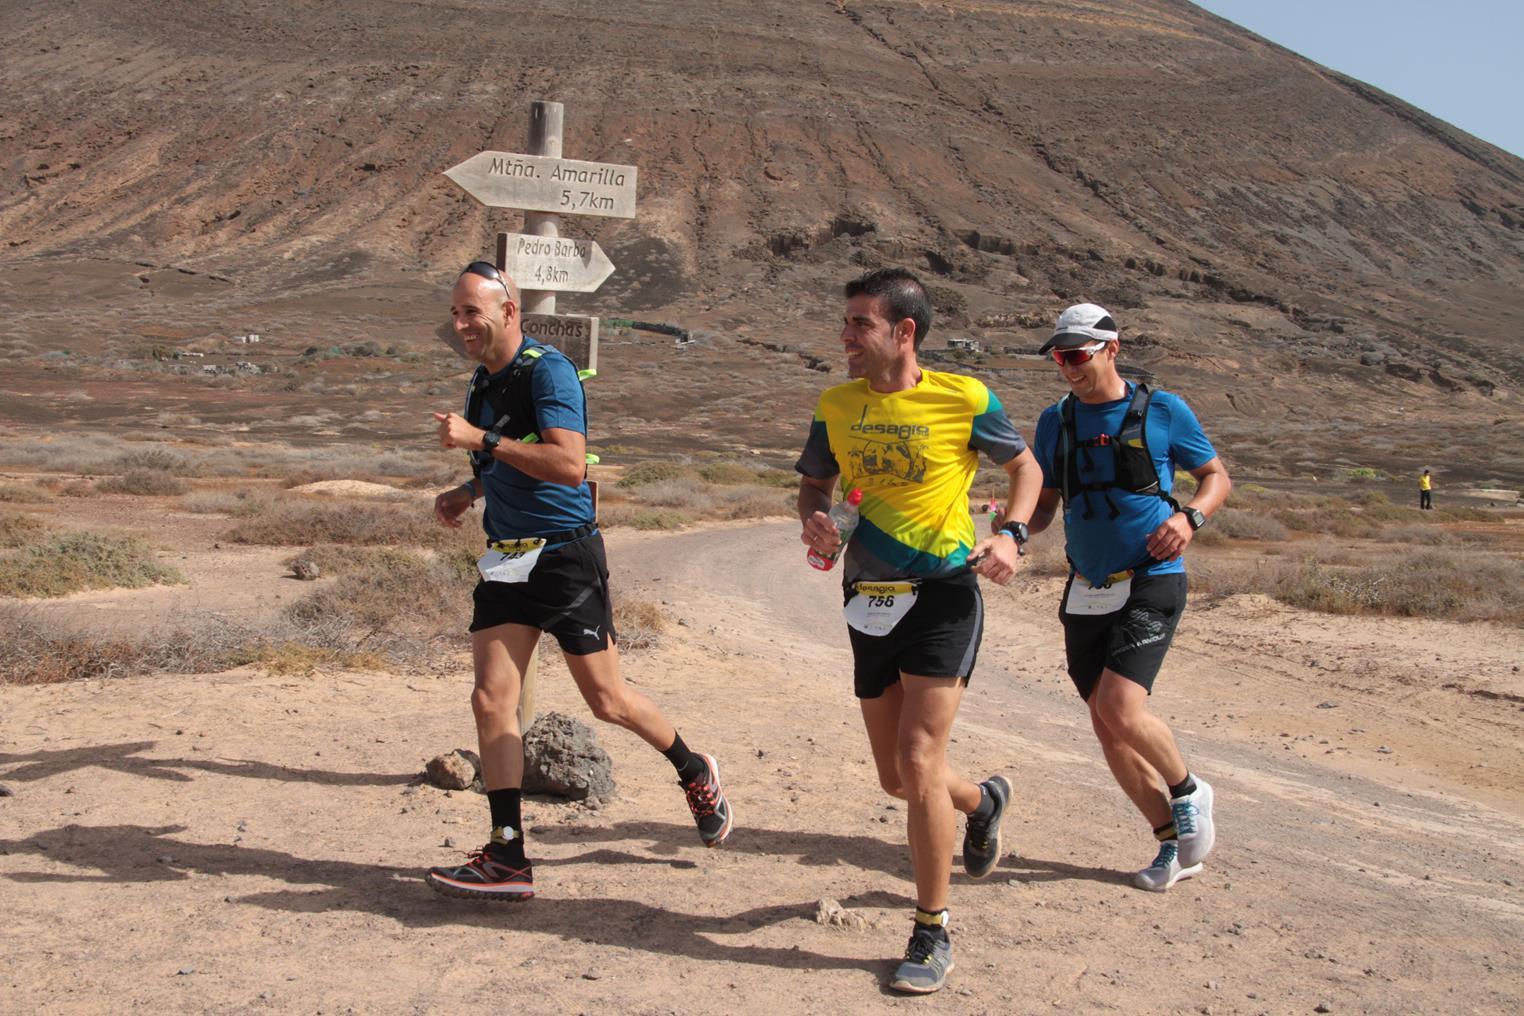 Desafio-Trail-180